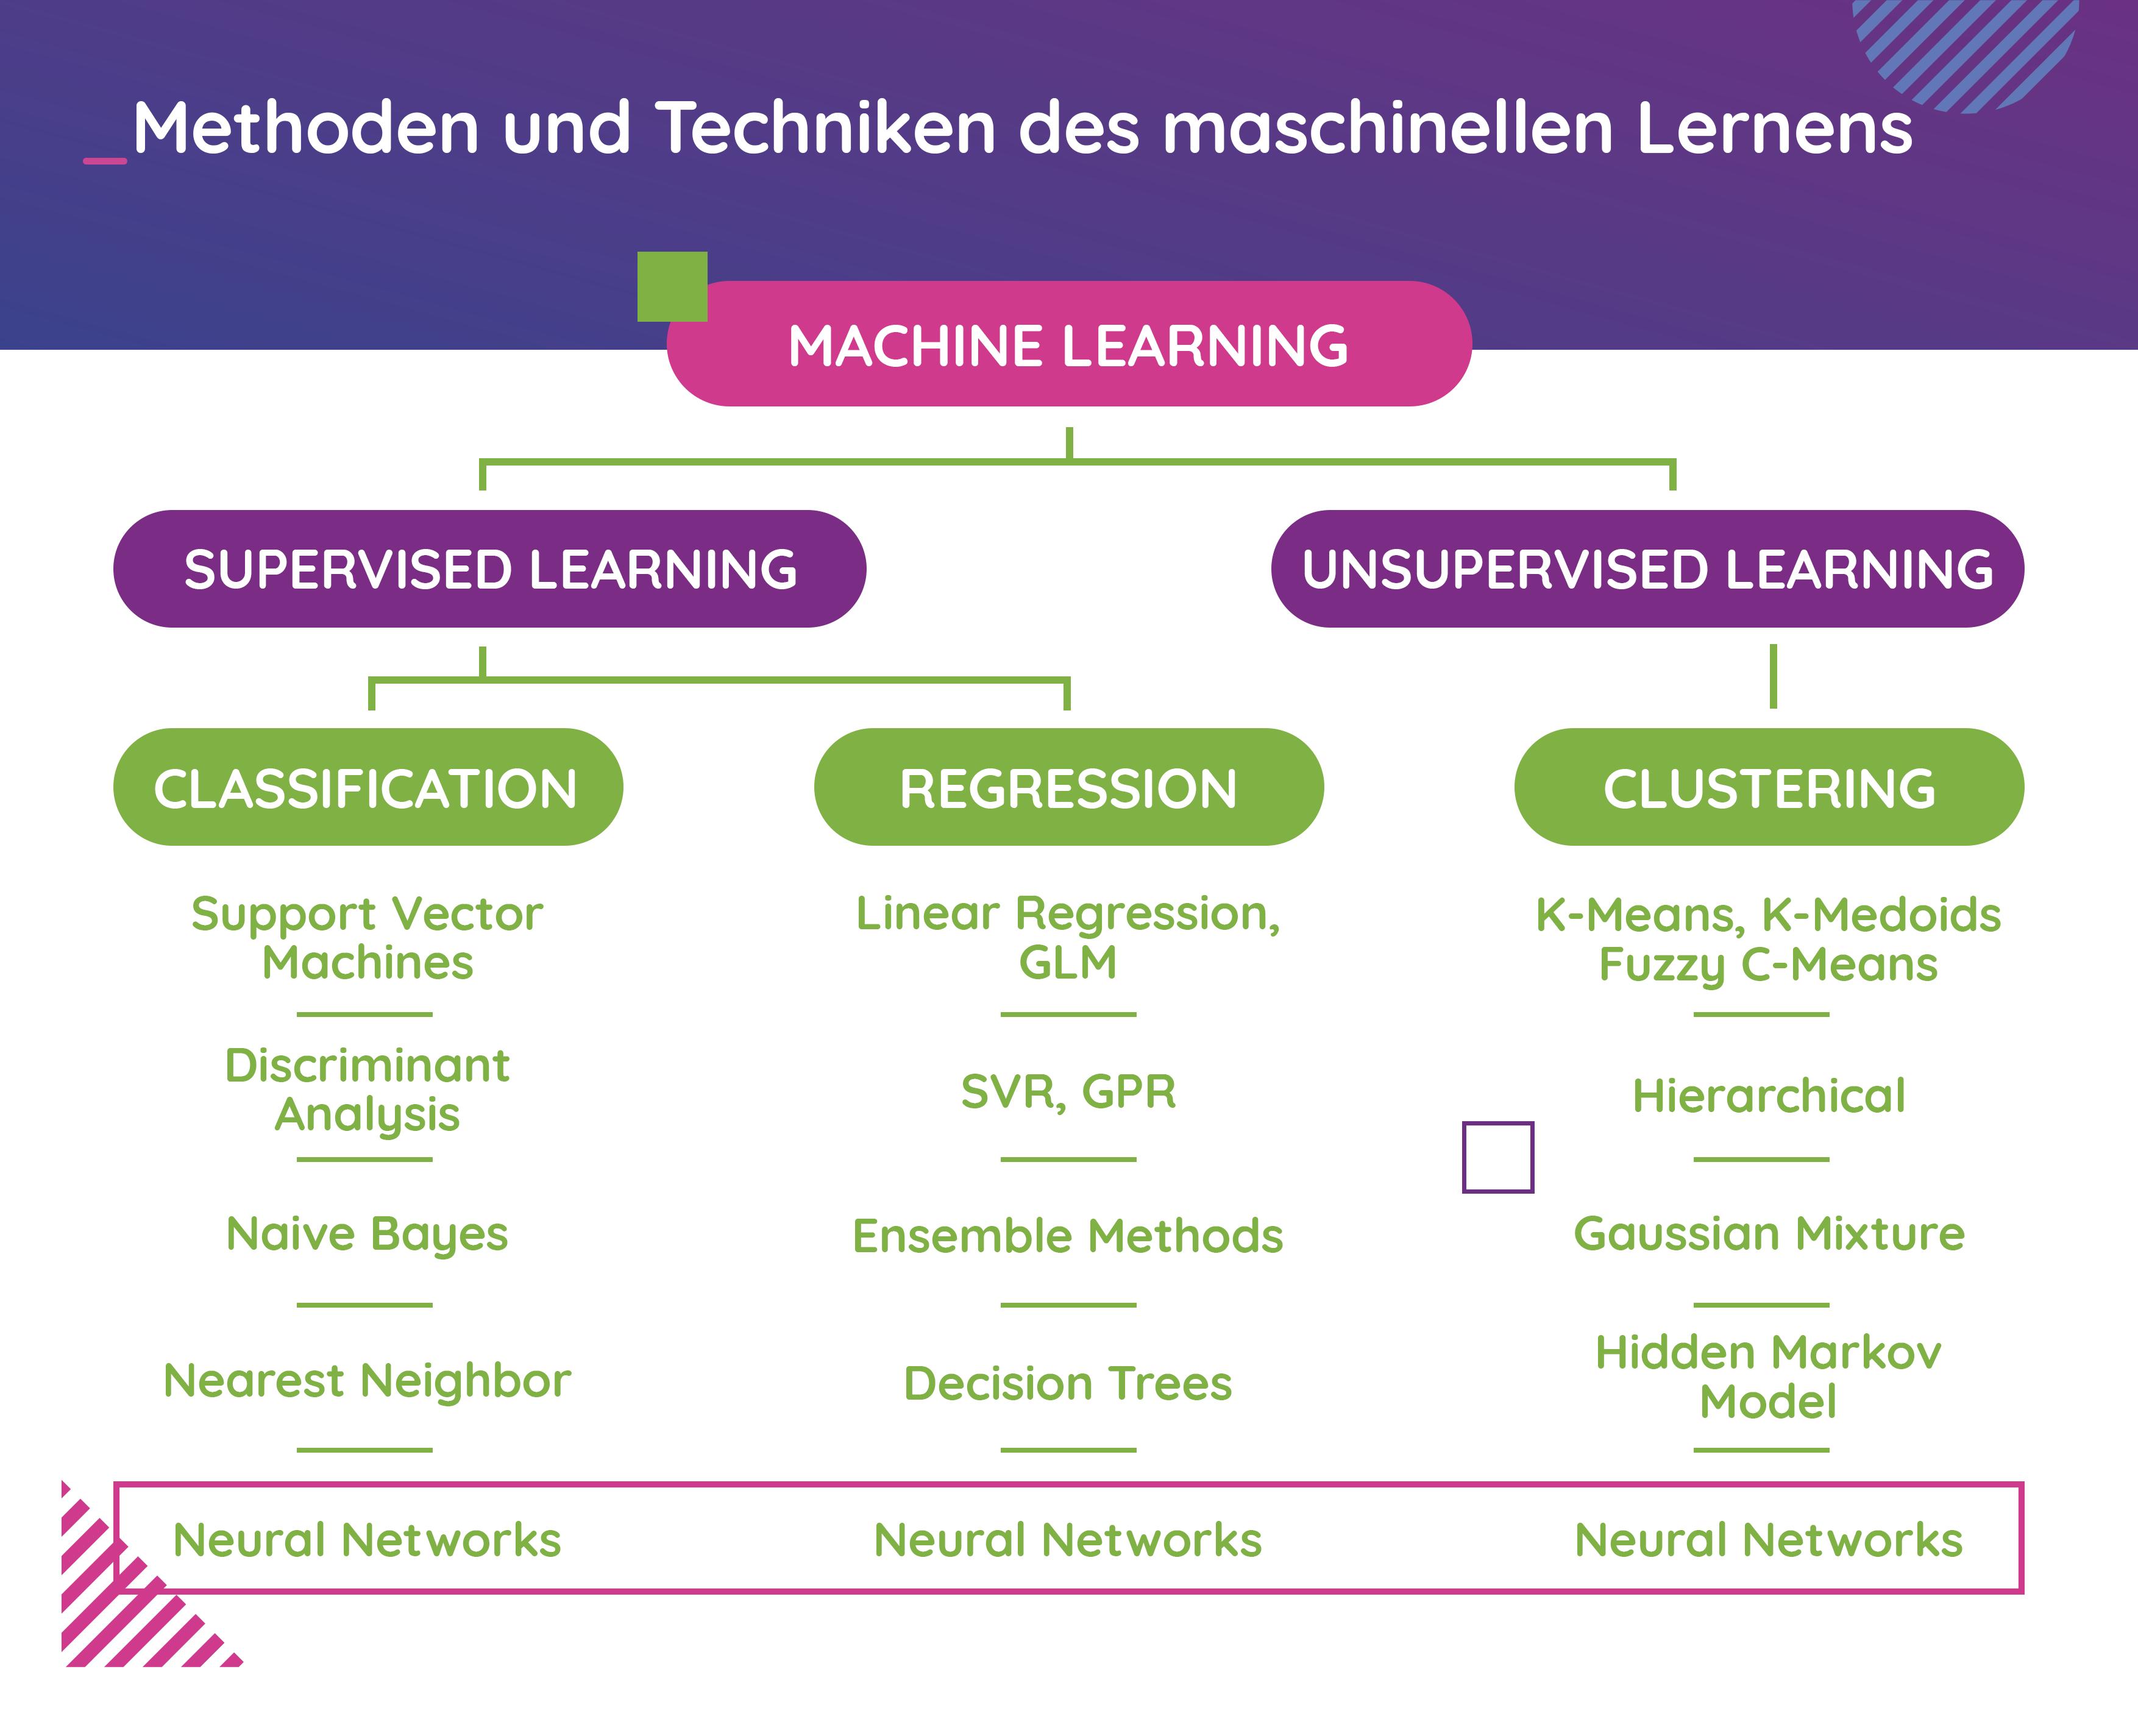 Methoden und Techniken des maschinellen Lernens